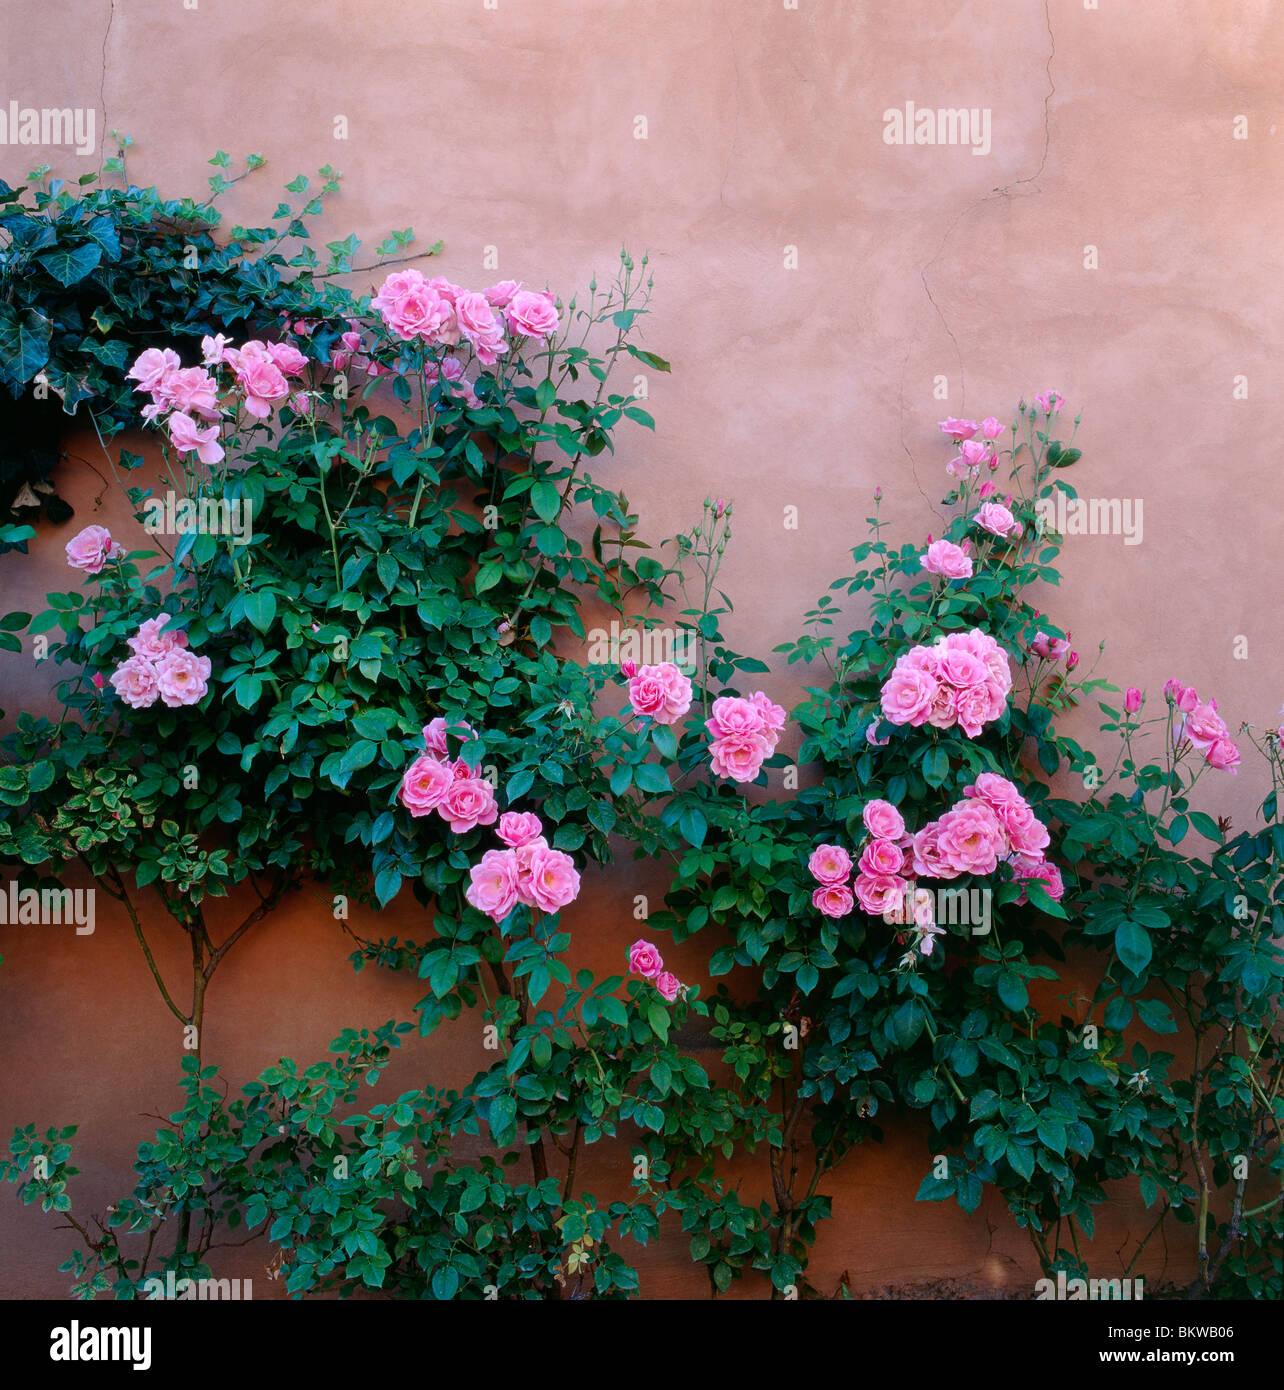 Le rose rosa salire una parete adobe lungo il Canyon Road, sito di gallerie e negozi, Santa Fe, New Mexico, NEGLI Immagini Stock